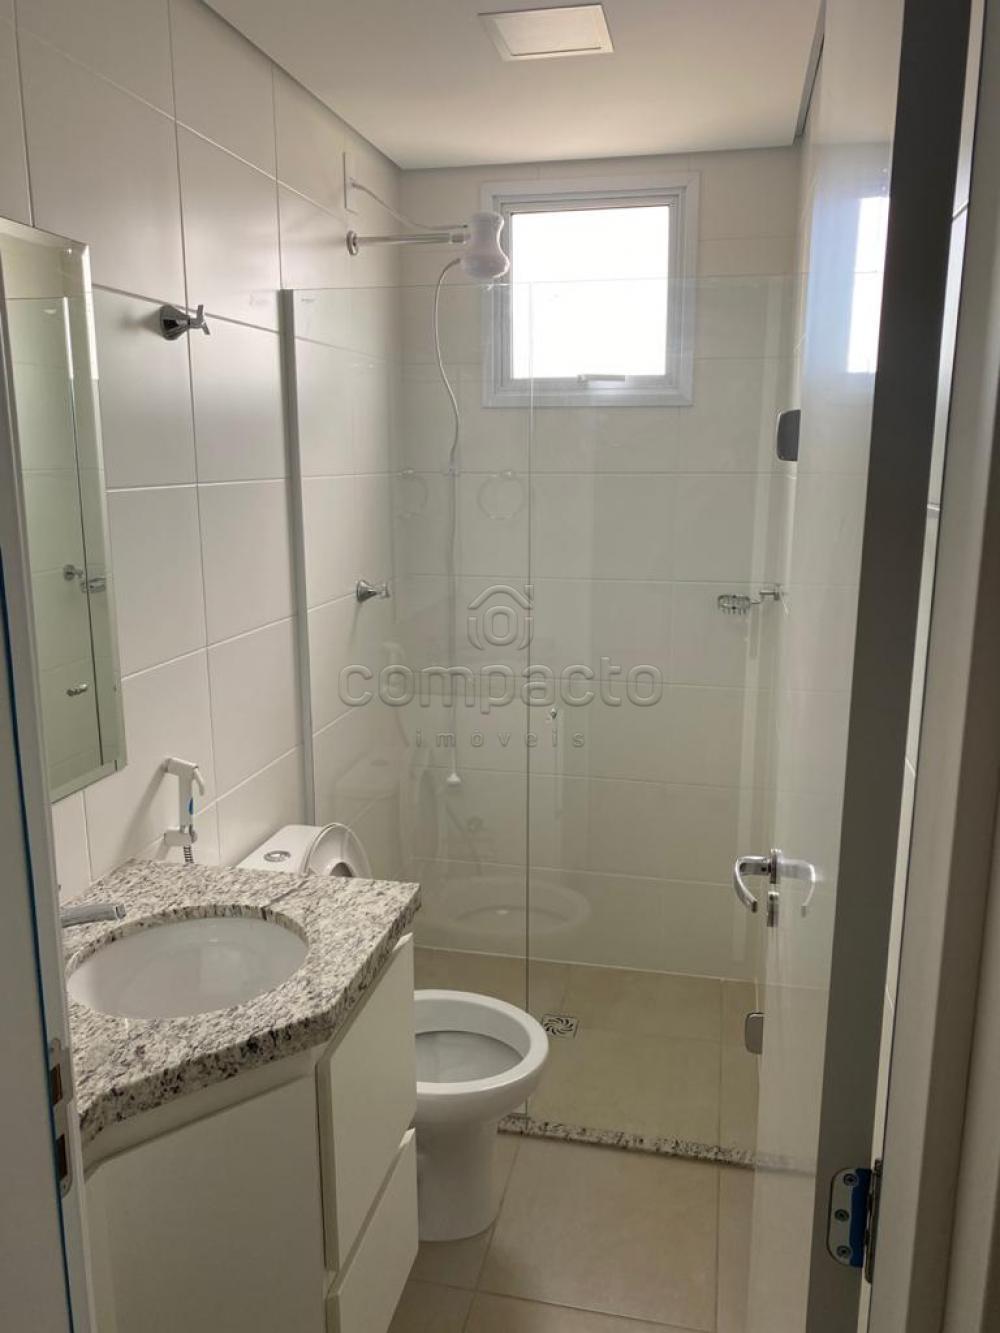 Alugar Apartamento / Padrão em São José do Rio Preto apenas R$ 1.250,00 - Foto 11